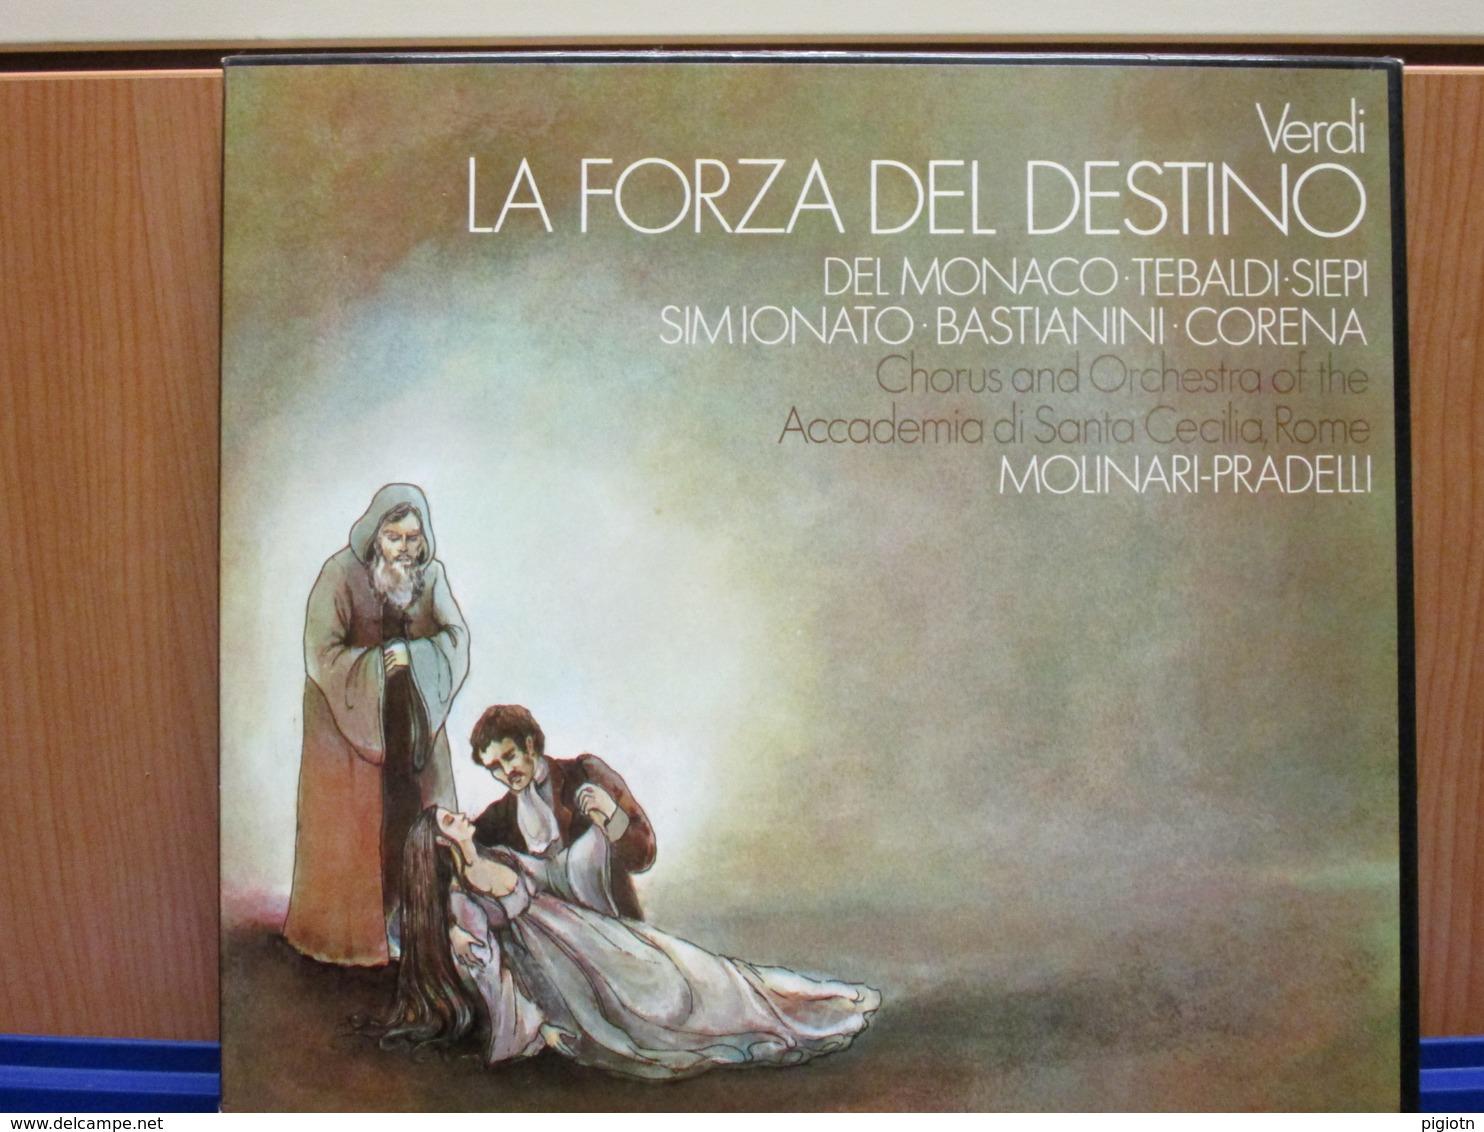 LP005 - COFANETTO 3 LP + LIBRETTO - LA FORZA DEL DESTINO - - Oper & Operette